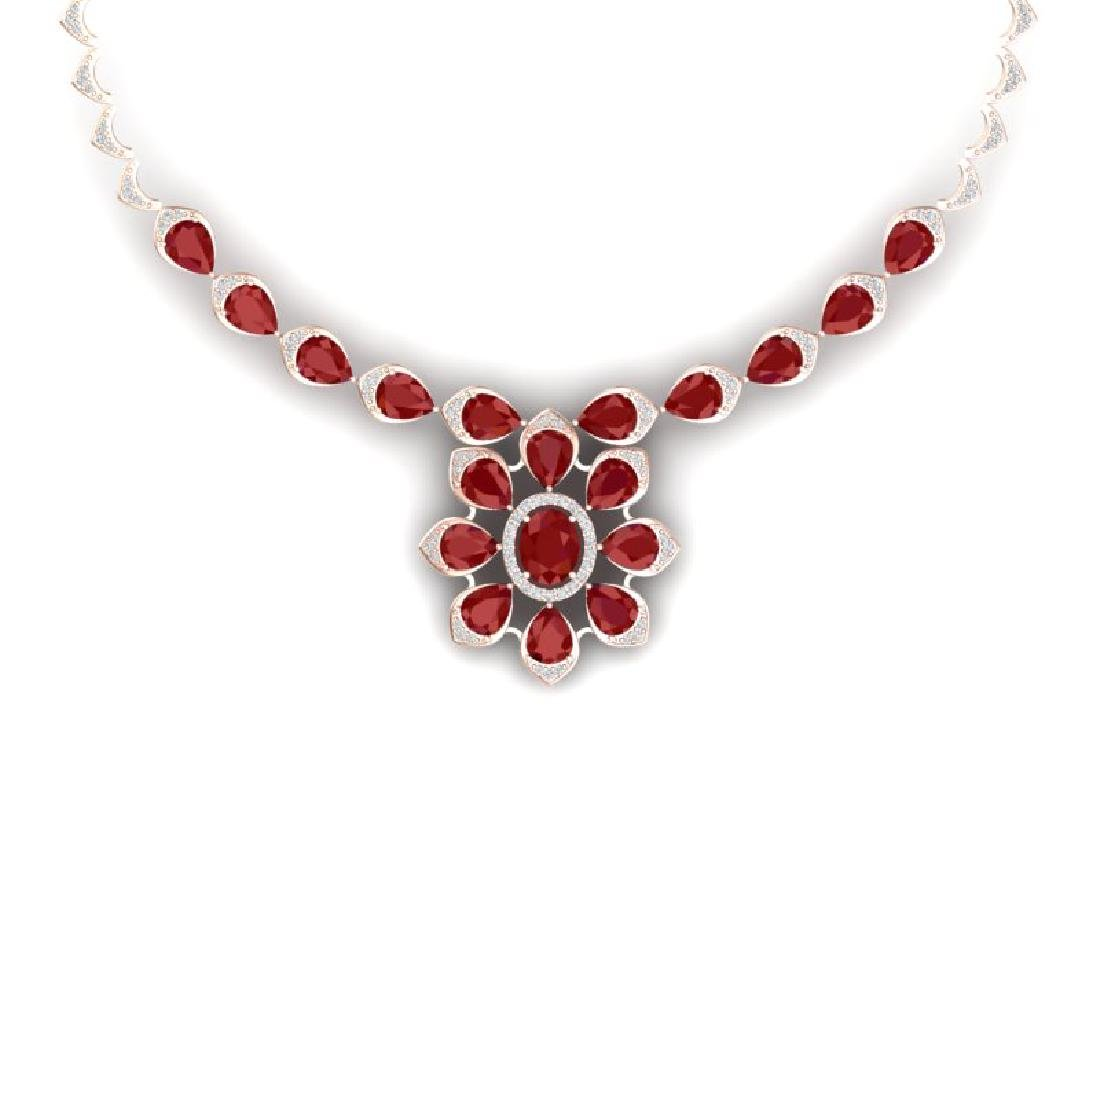 30.70 CTW Royalty Ruby & VS Diamond Necklace 18K Rose